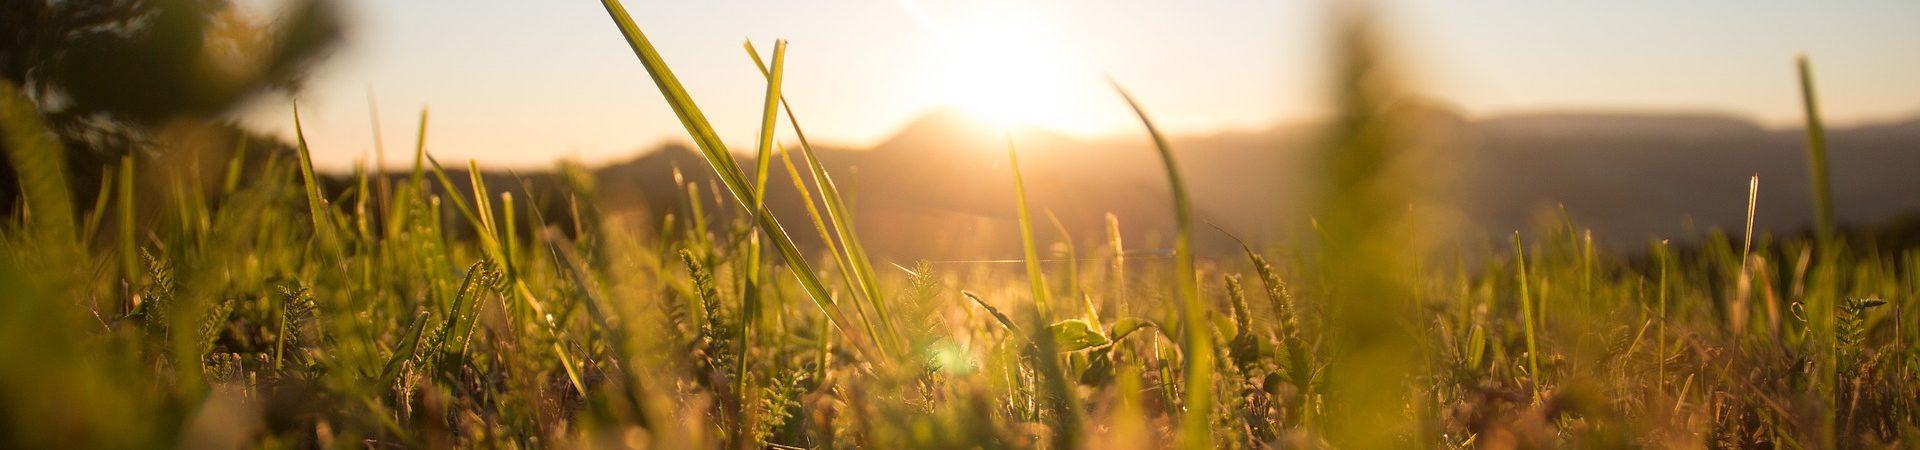 grass-1668423_1920